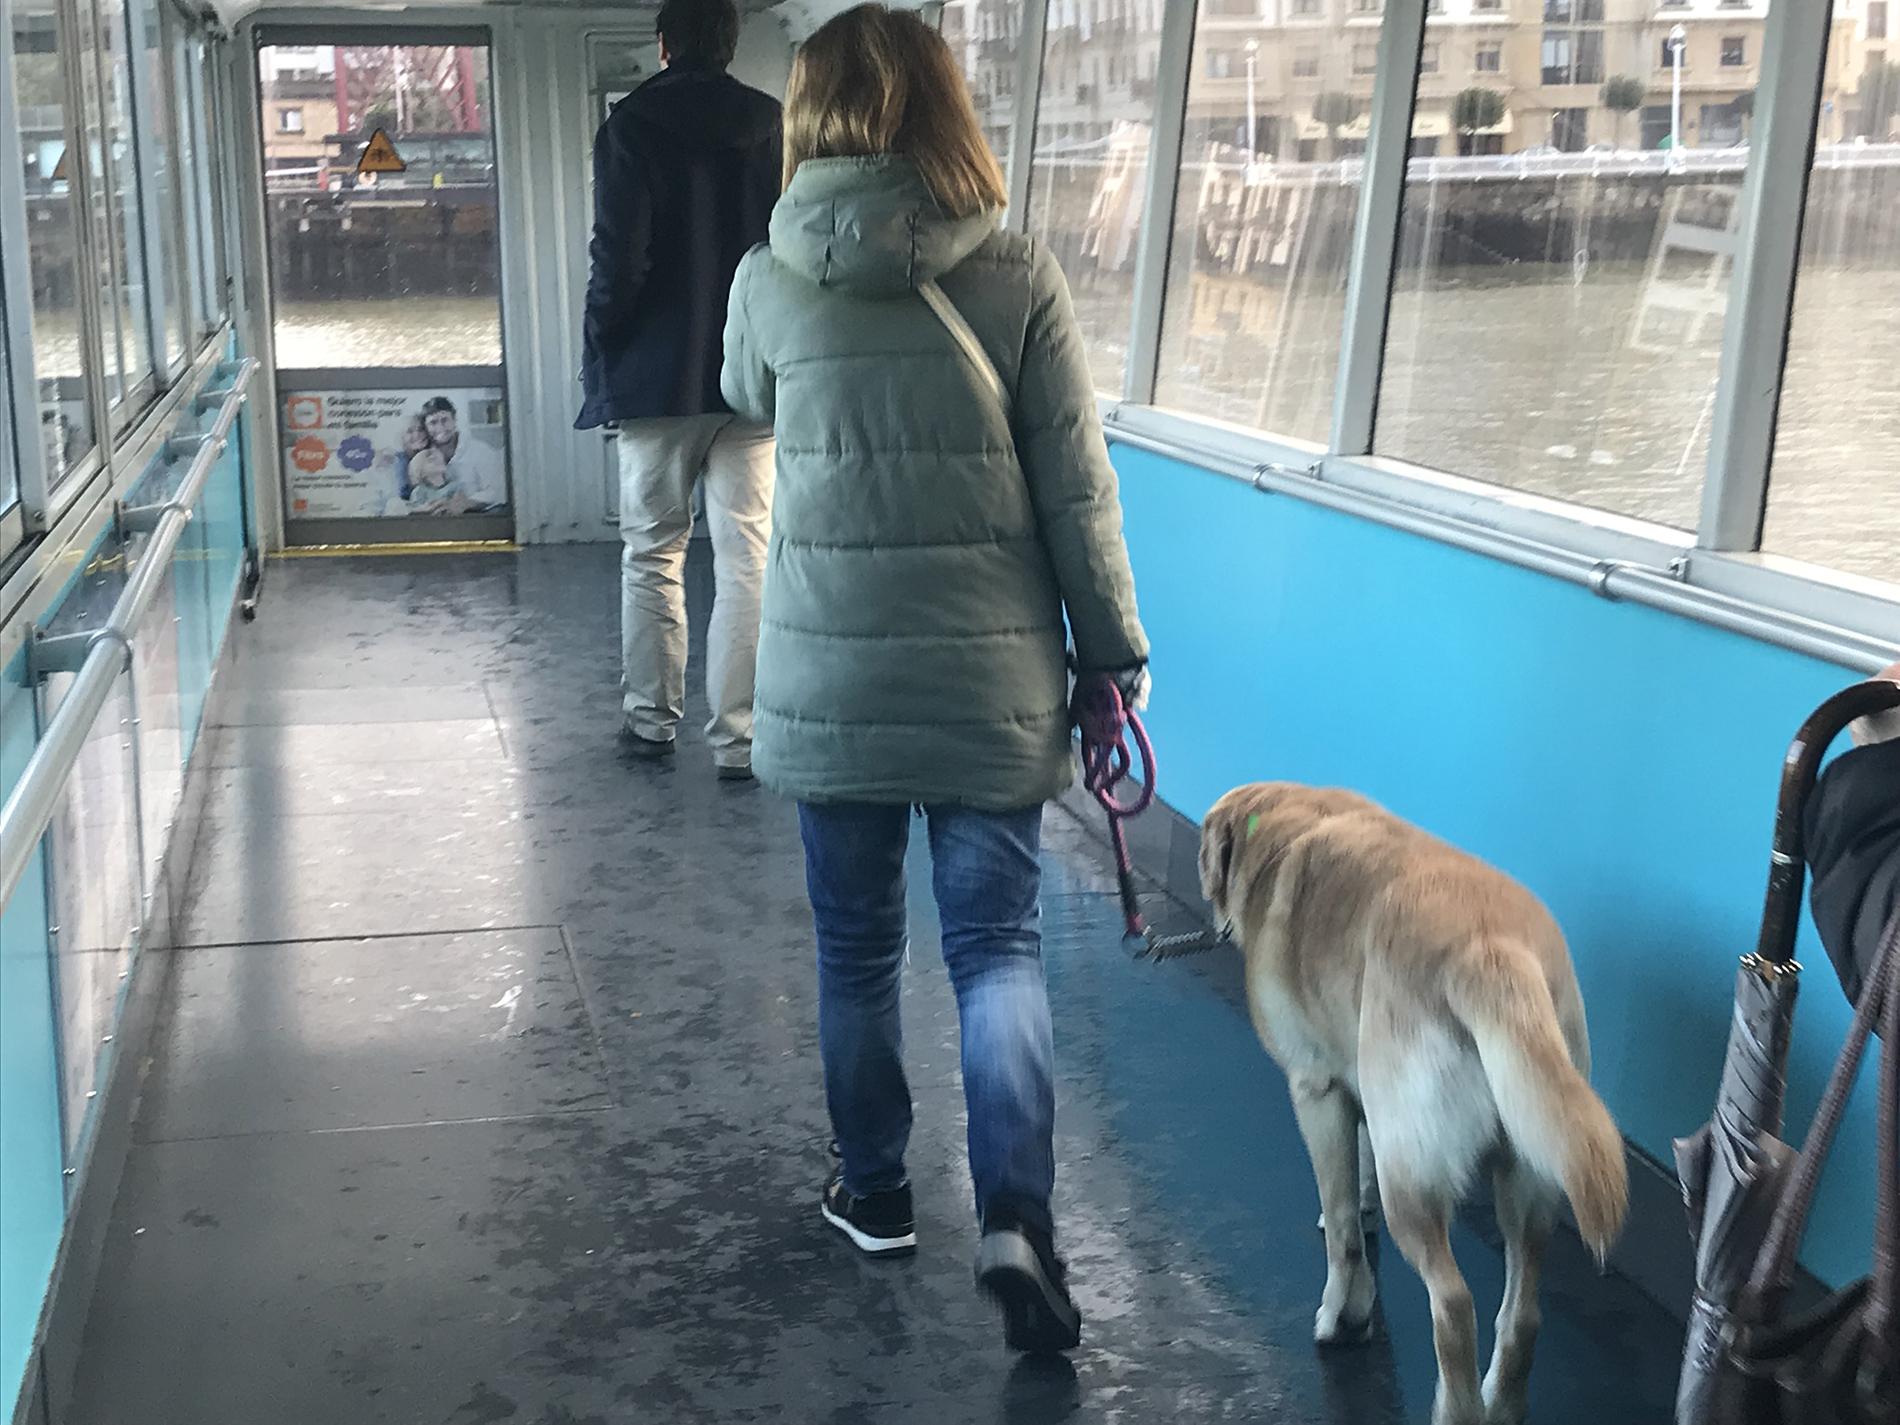 El Puente se convierte en Anfitrión Dog Vivant Friendly